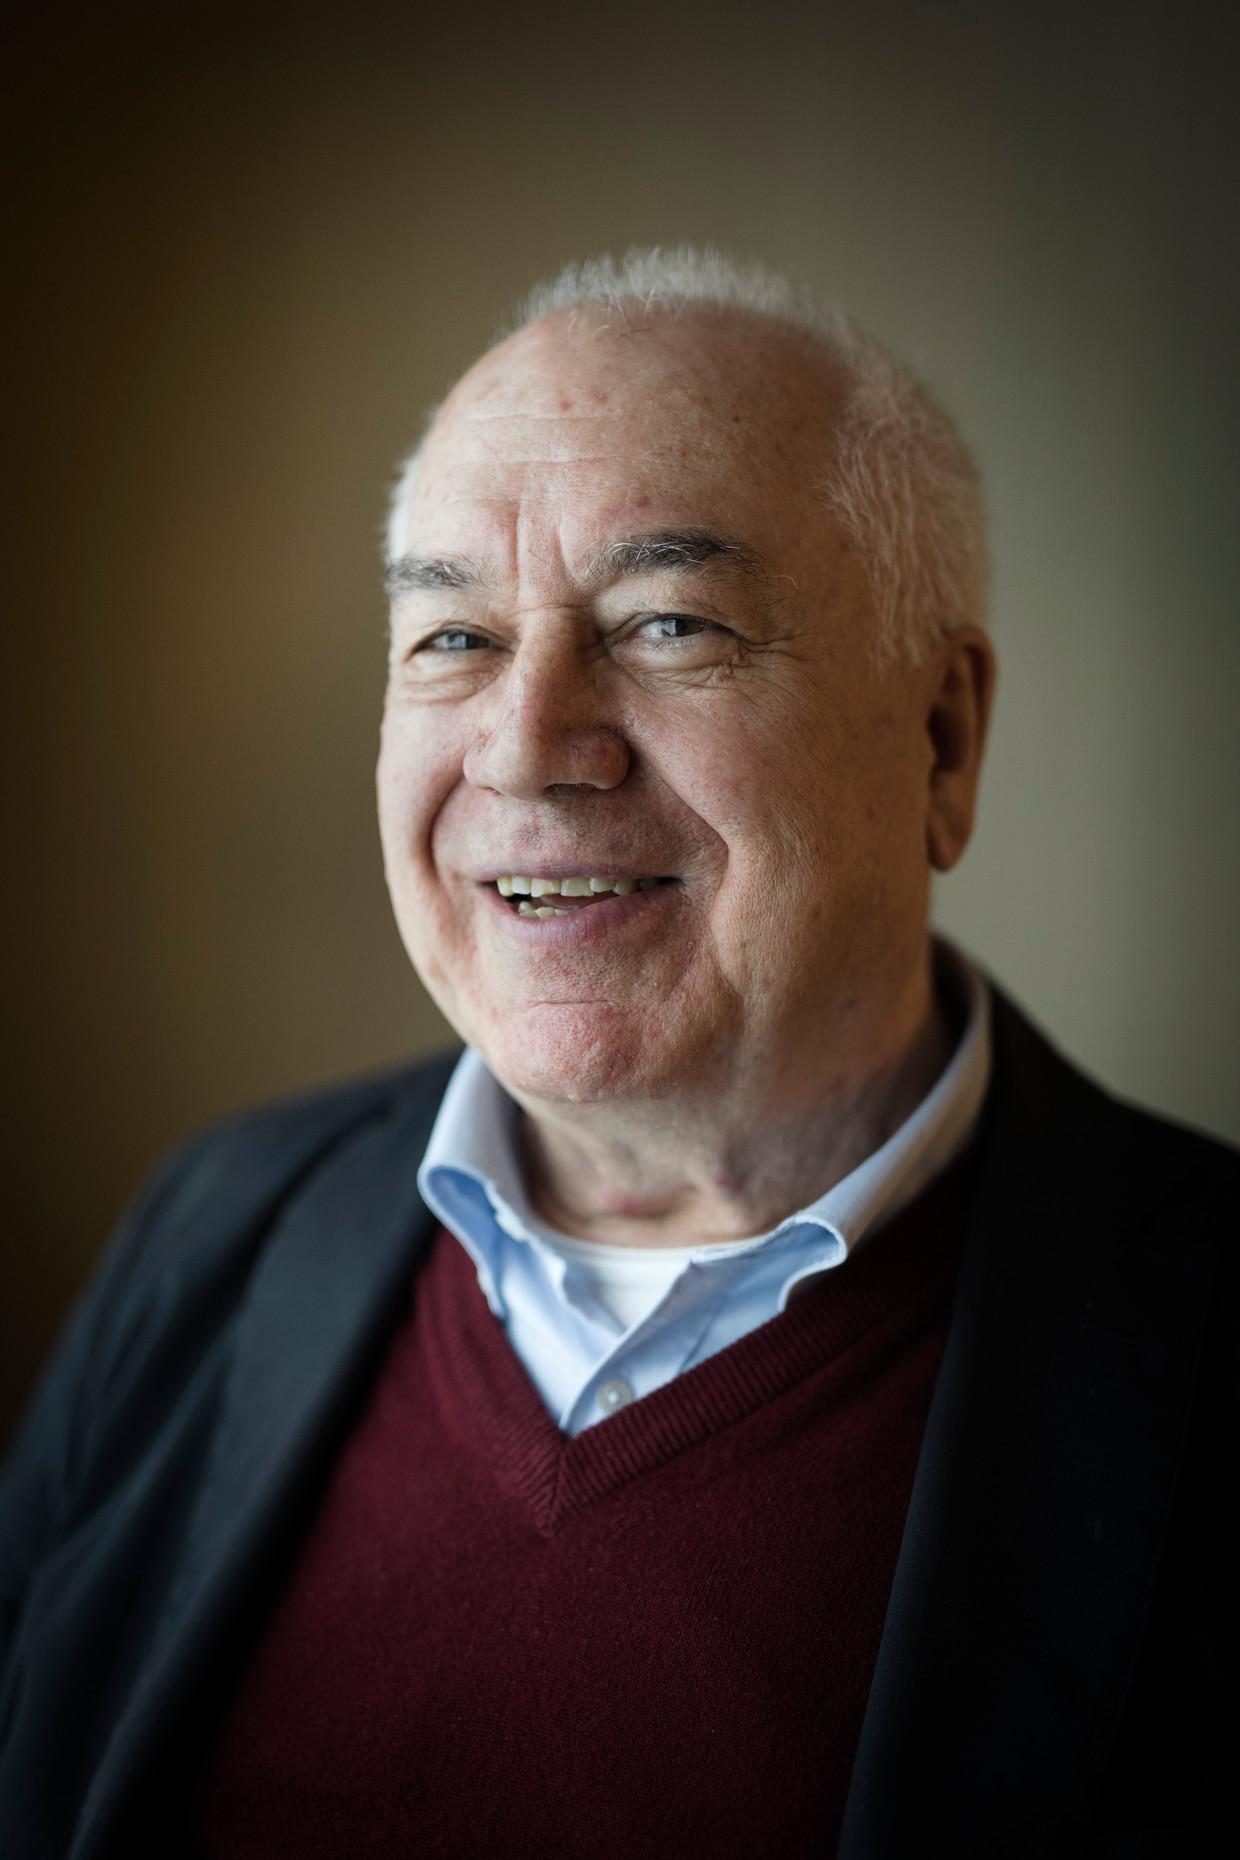 Politicoloog Bassam Tibi: 'In West-Europa domineert de politieke correctheid.' Beeld Daniel Rosenthal